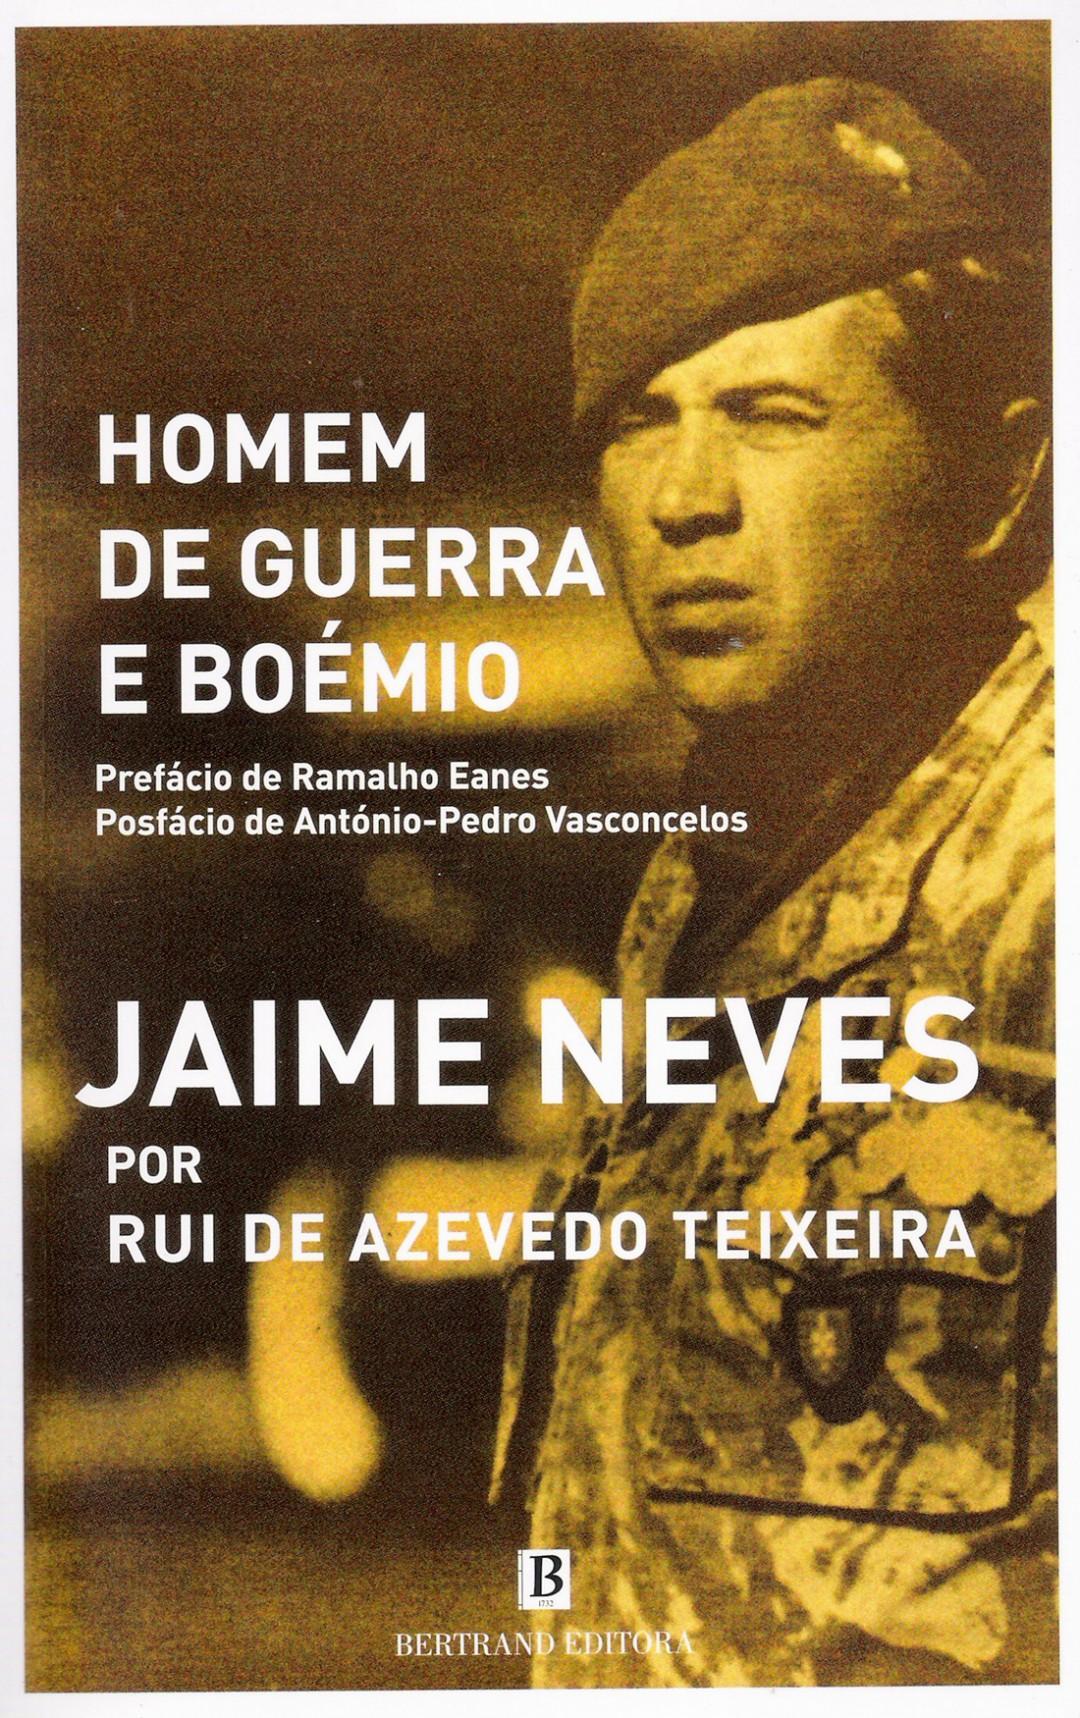 3. Homem de guerra e boémio - JAIME NEVES POR RUI DE AZEVEDO TEIXEIRA